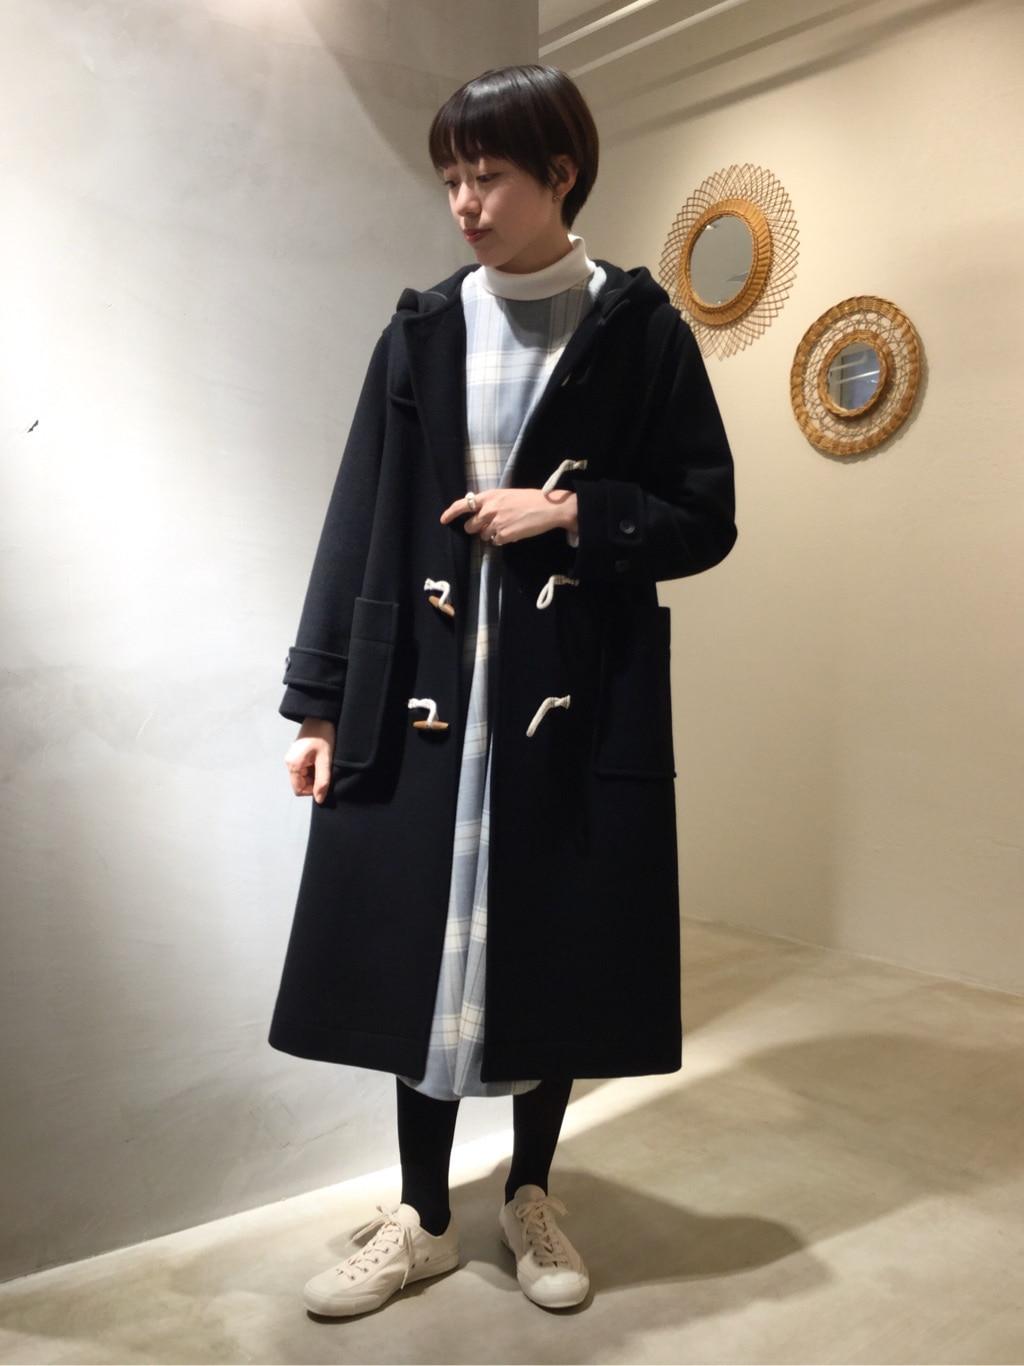 yuni ニュウマン横浜 身長:166cm 2020.11.11